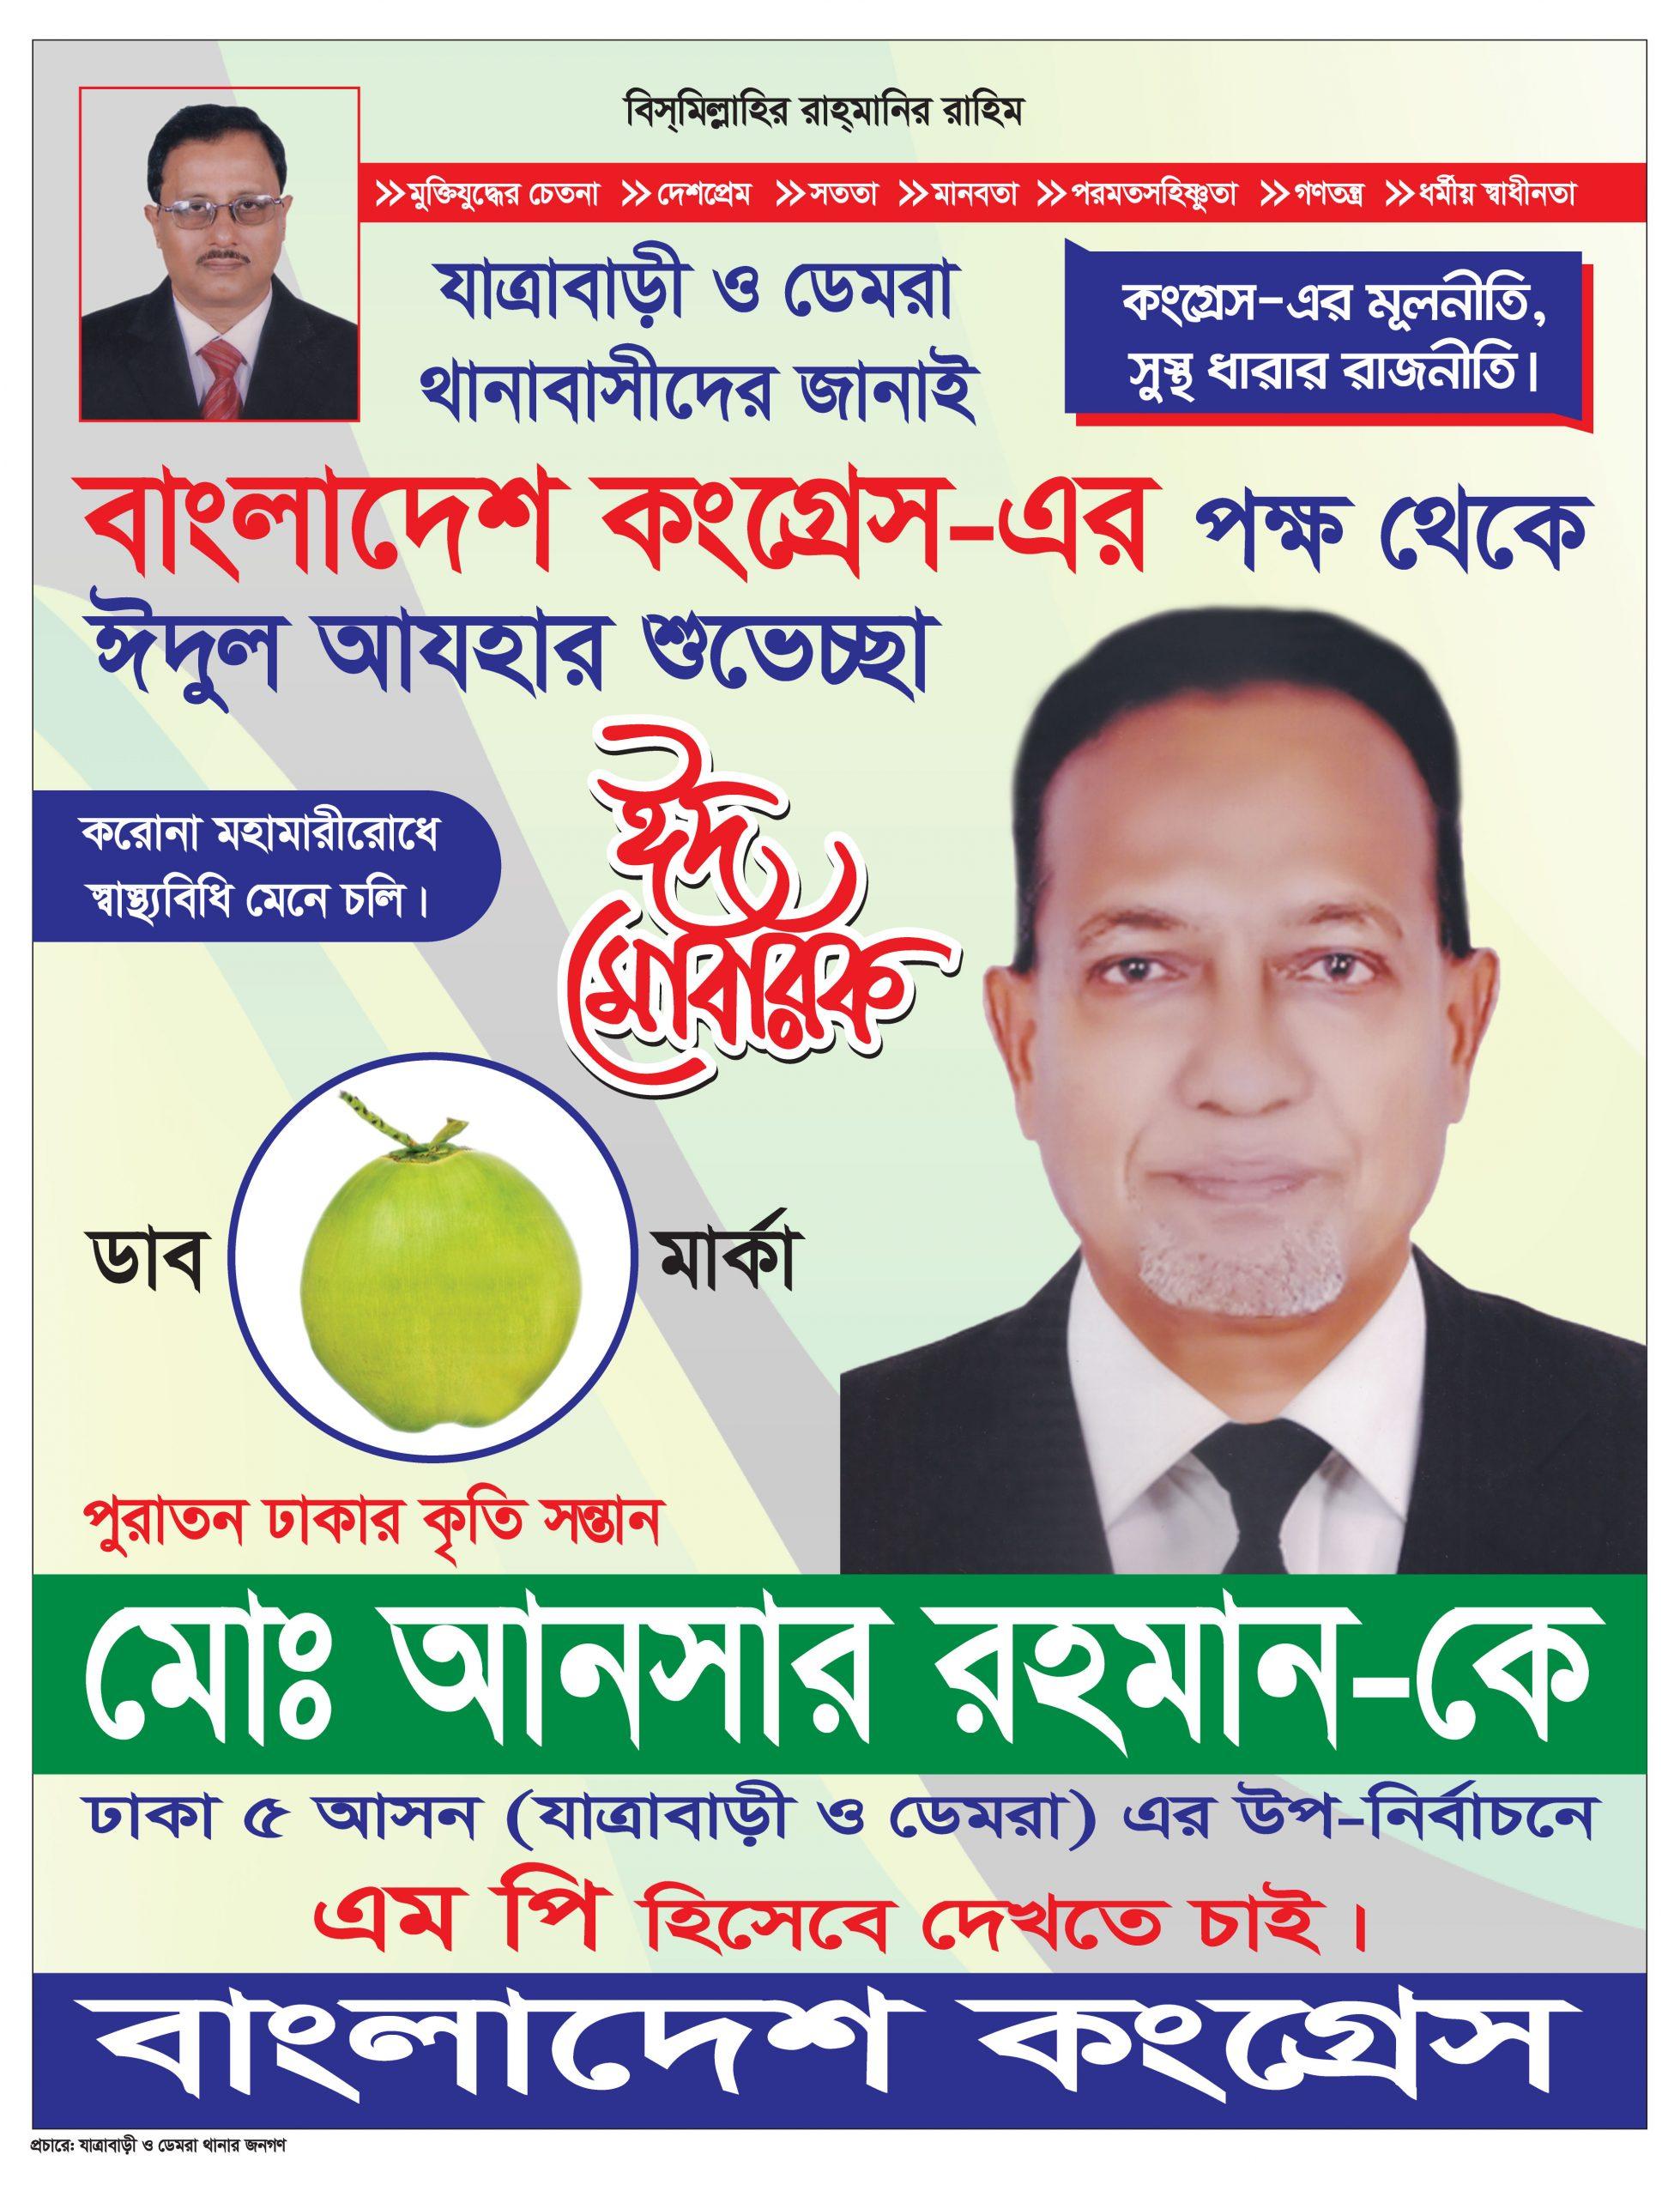 Ansar Rahman